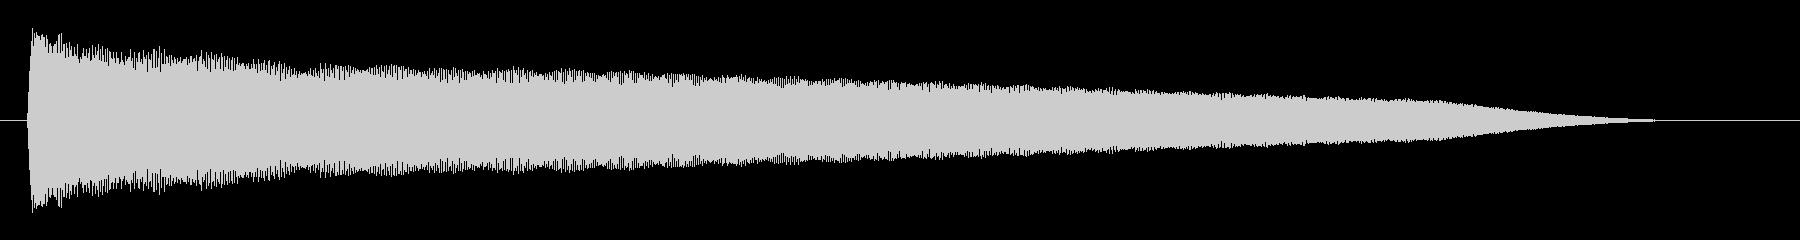 チューン(高音で響く音)の未再生の波形